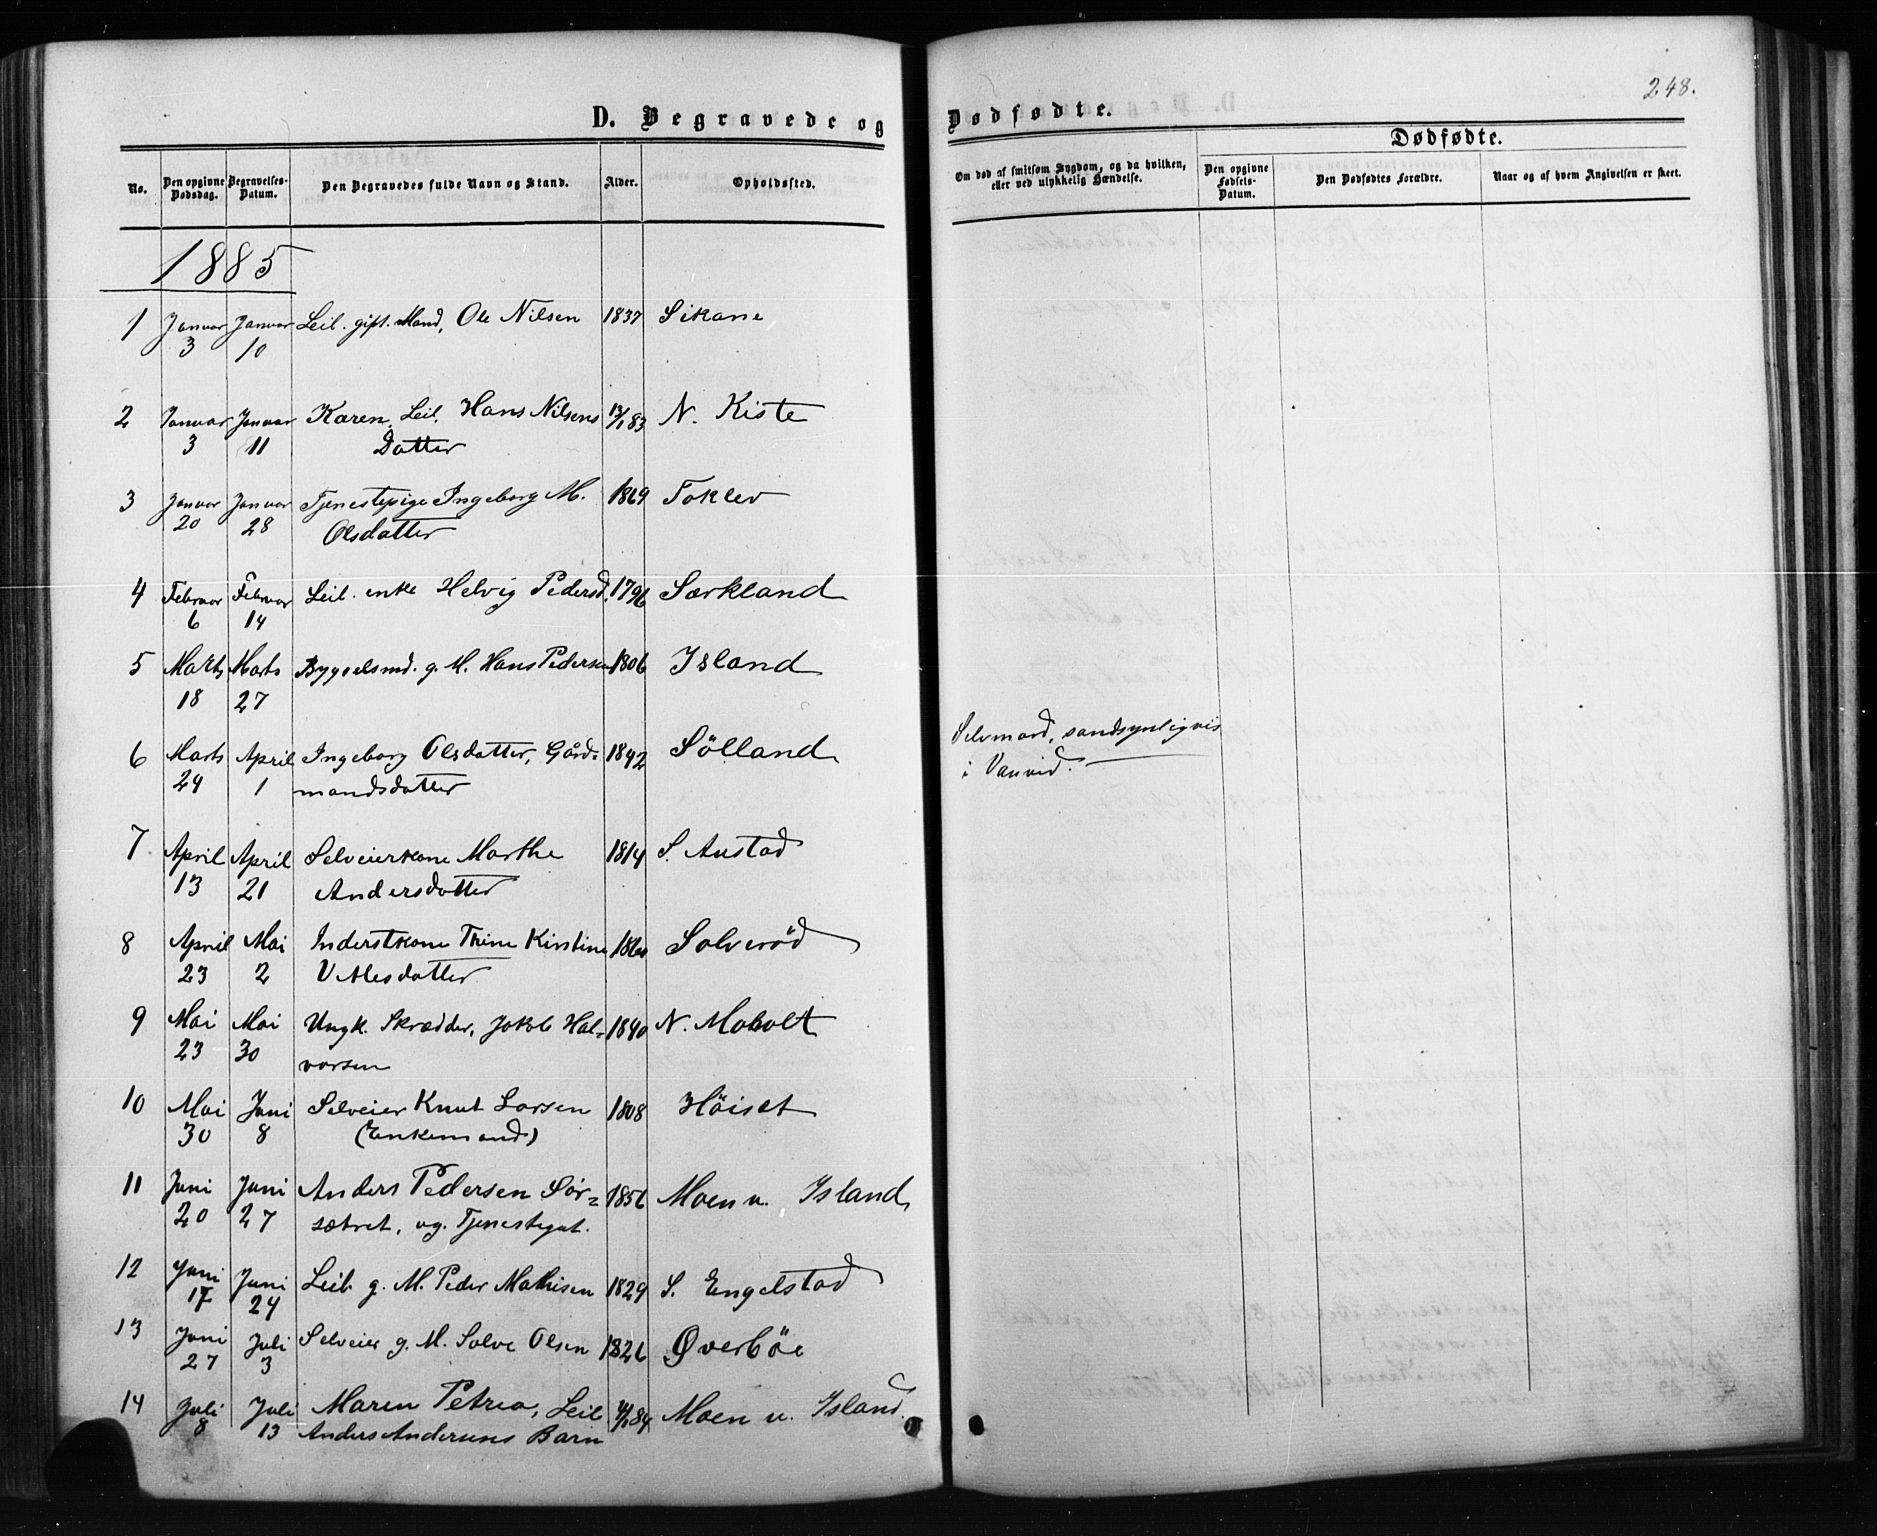 SAKO, Siljan kirkebøker, G/Ga/L0002: Klokkerbok nr. 2, 1864-1908, s. 248